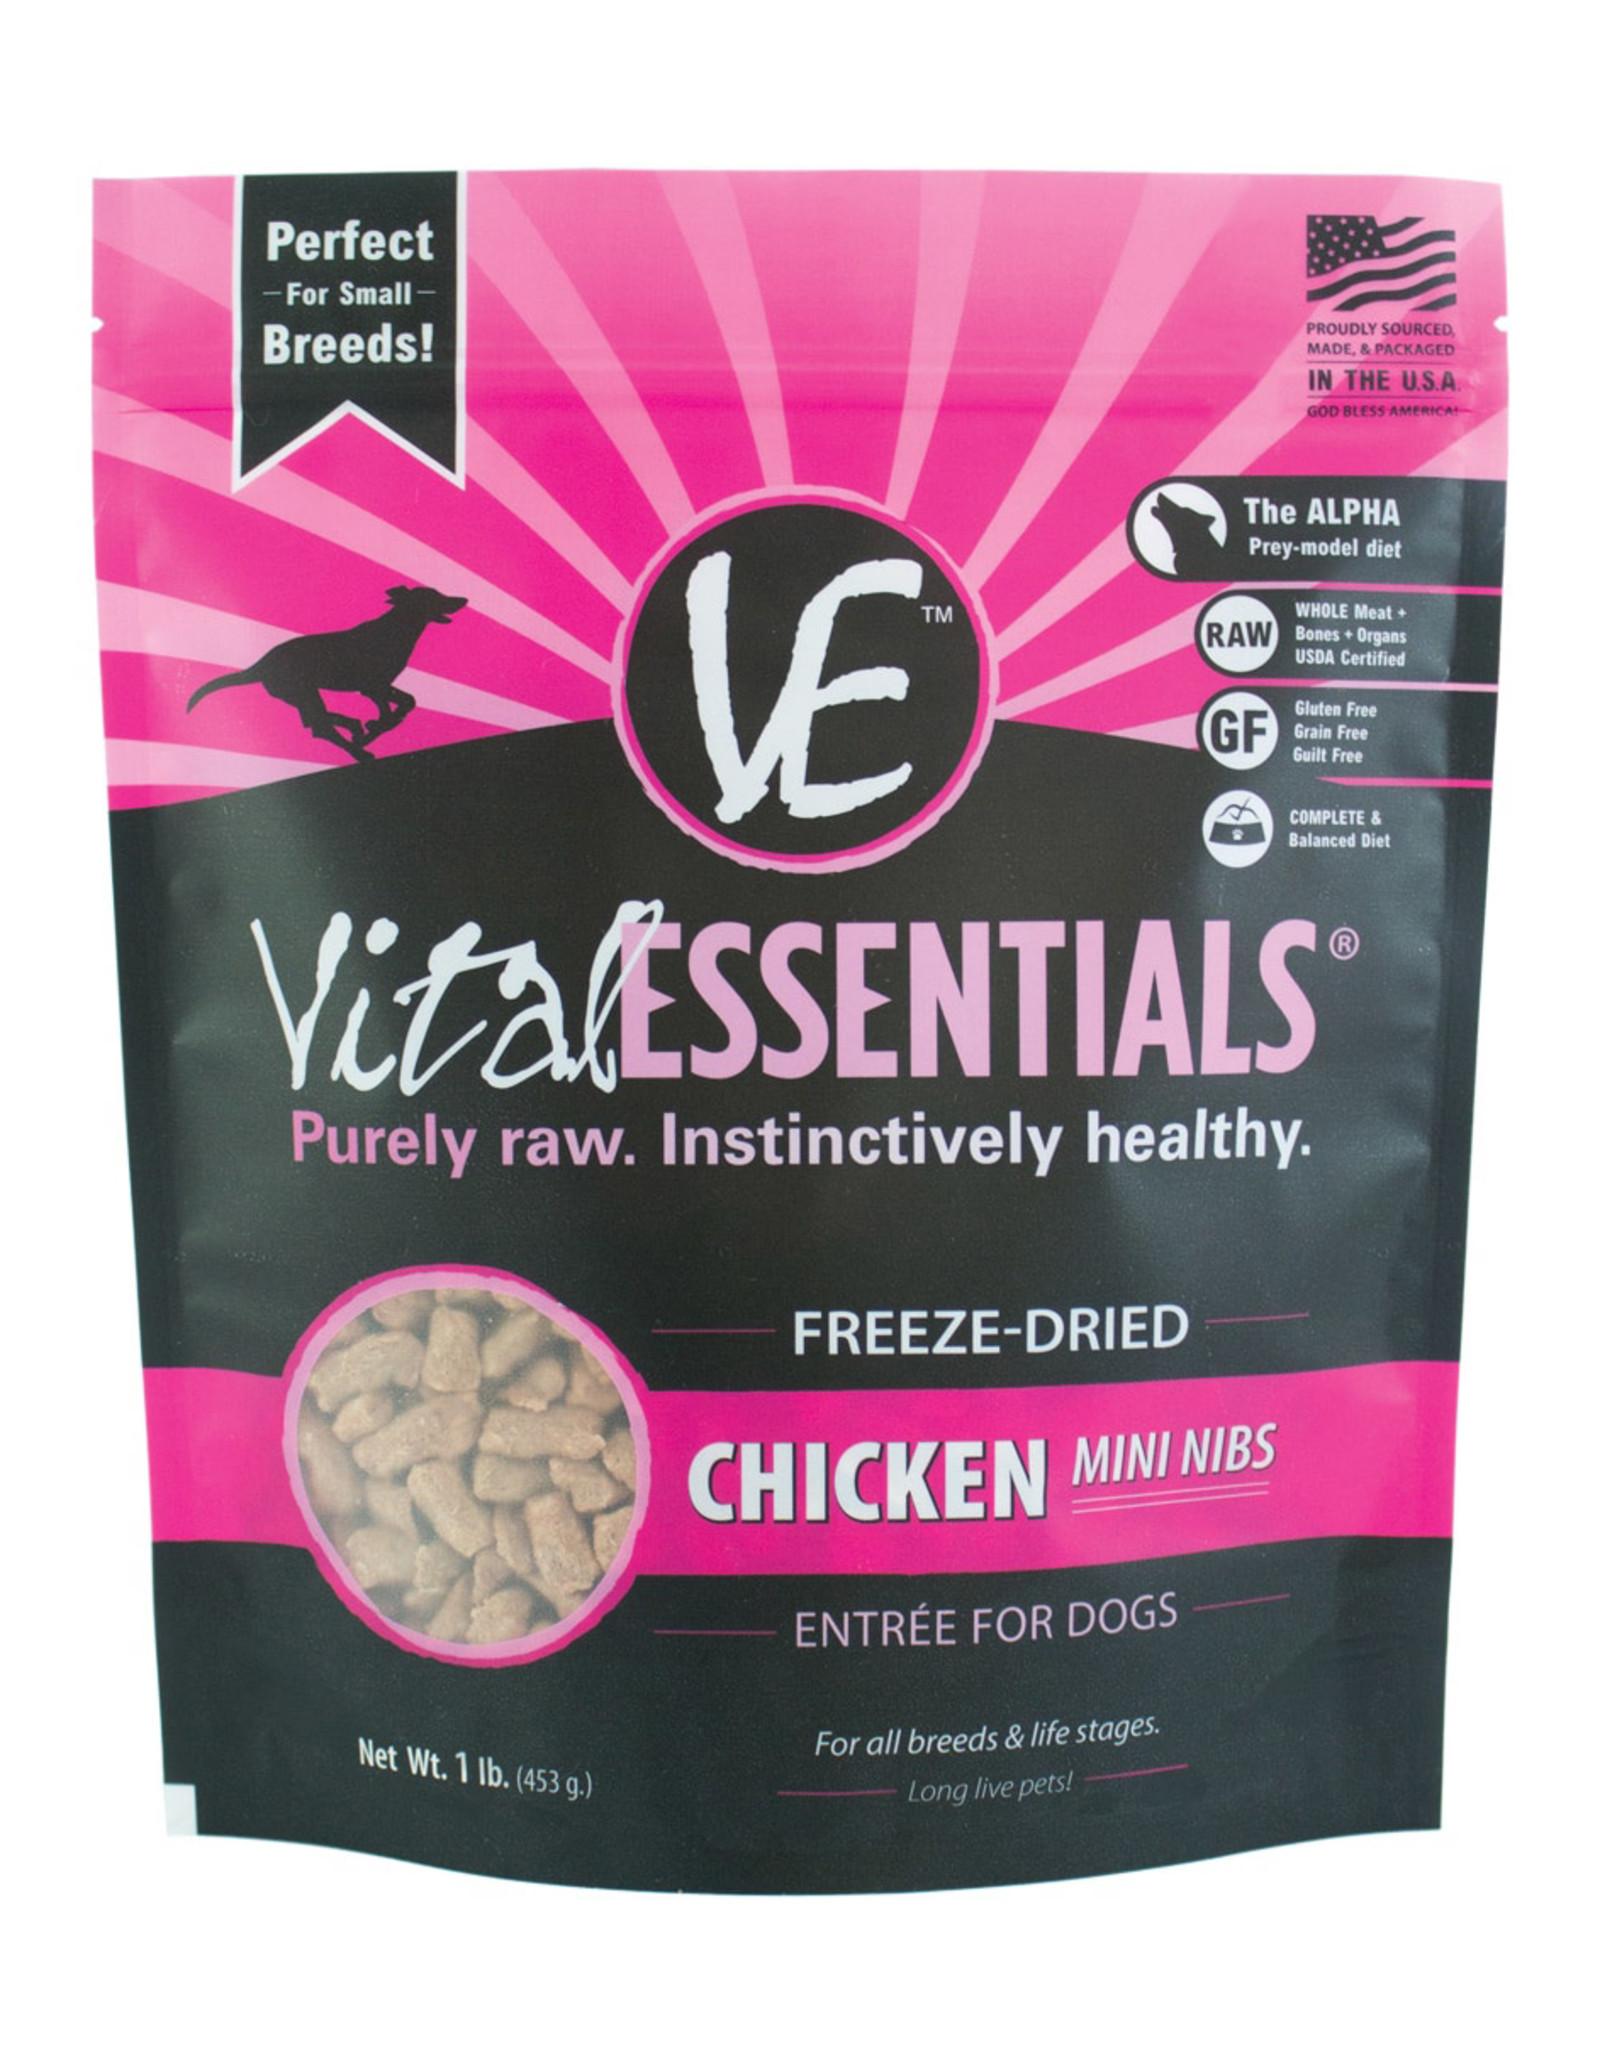 Vital Essentials Chicken Mini Nibs Freeze-Dried Grain Free Dog Food 1lb